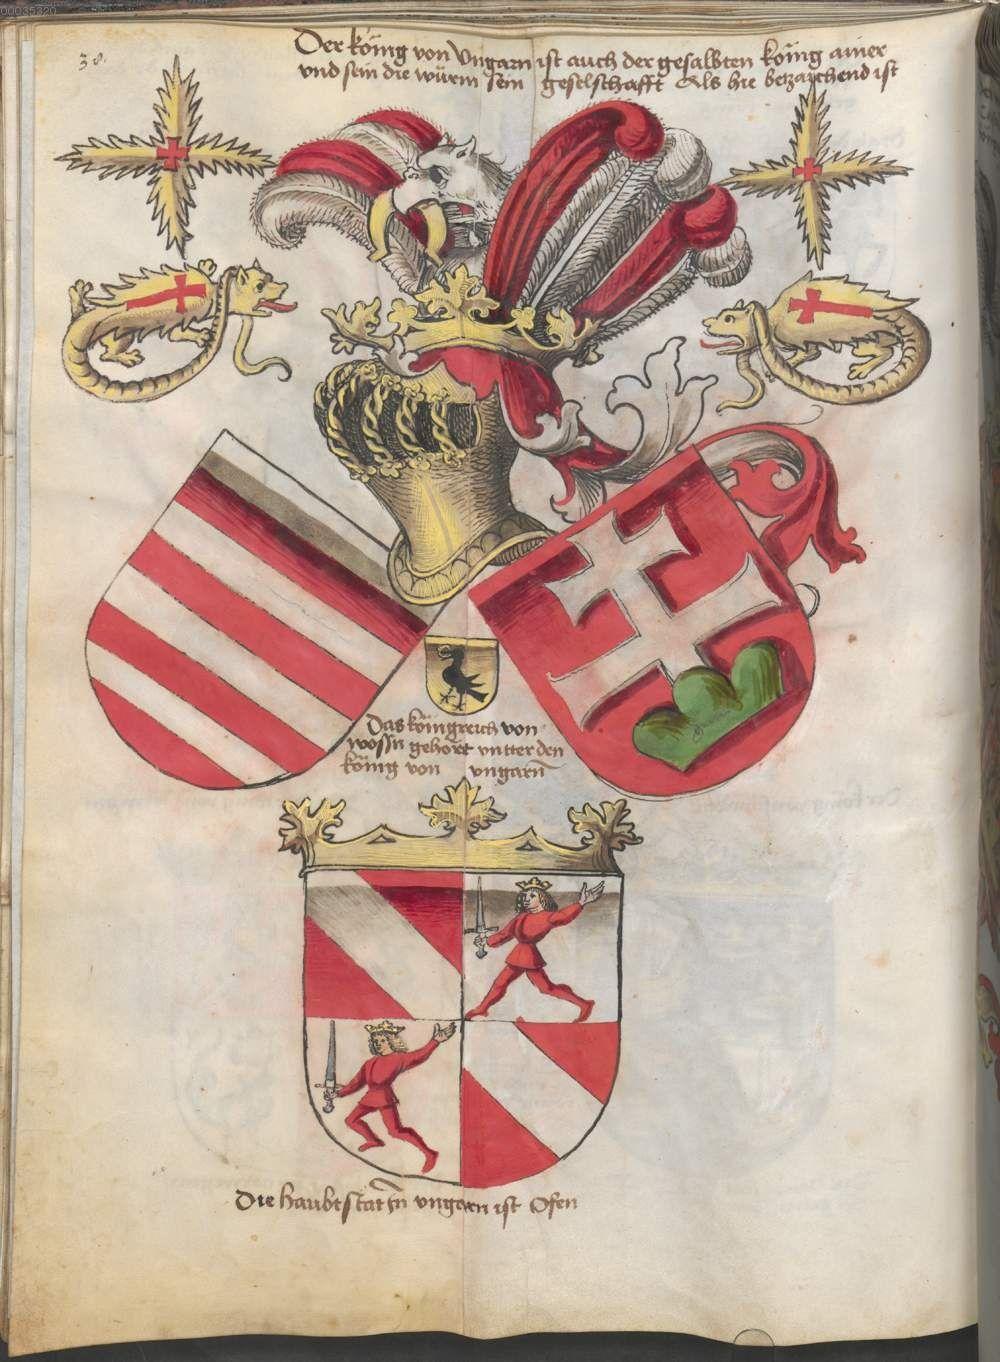 Grünenberg, Konrad: Das Wappenbuch Conrads von Grünenberg, Ritters und Bürgers zu Constanz um 1480 Cgm 145 Folio 43